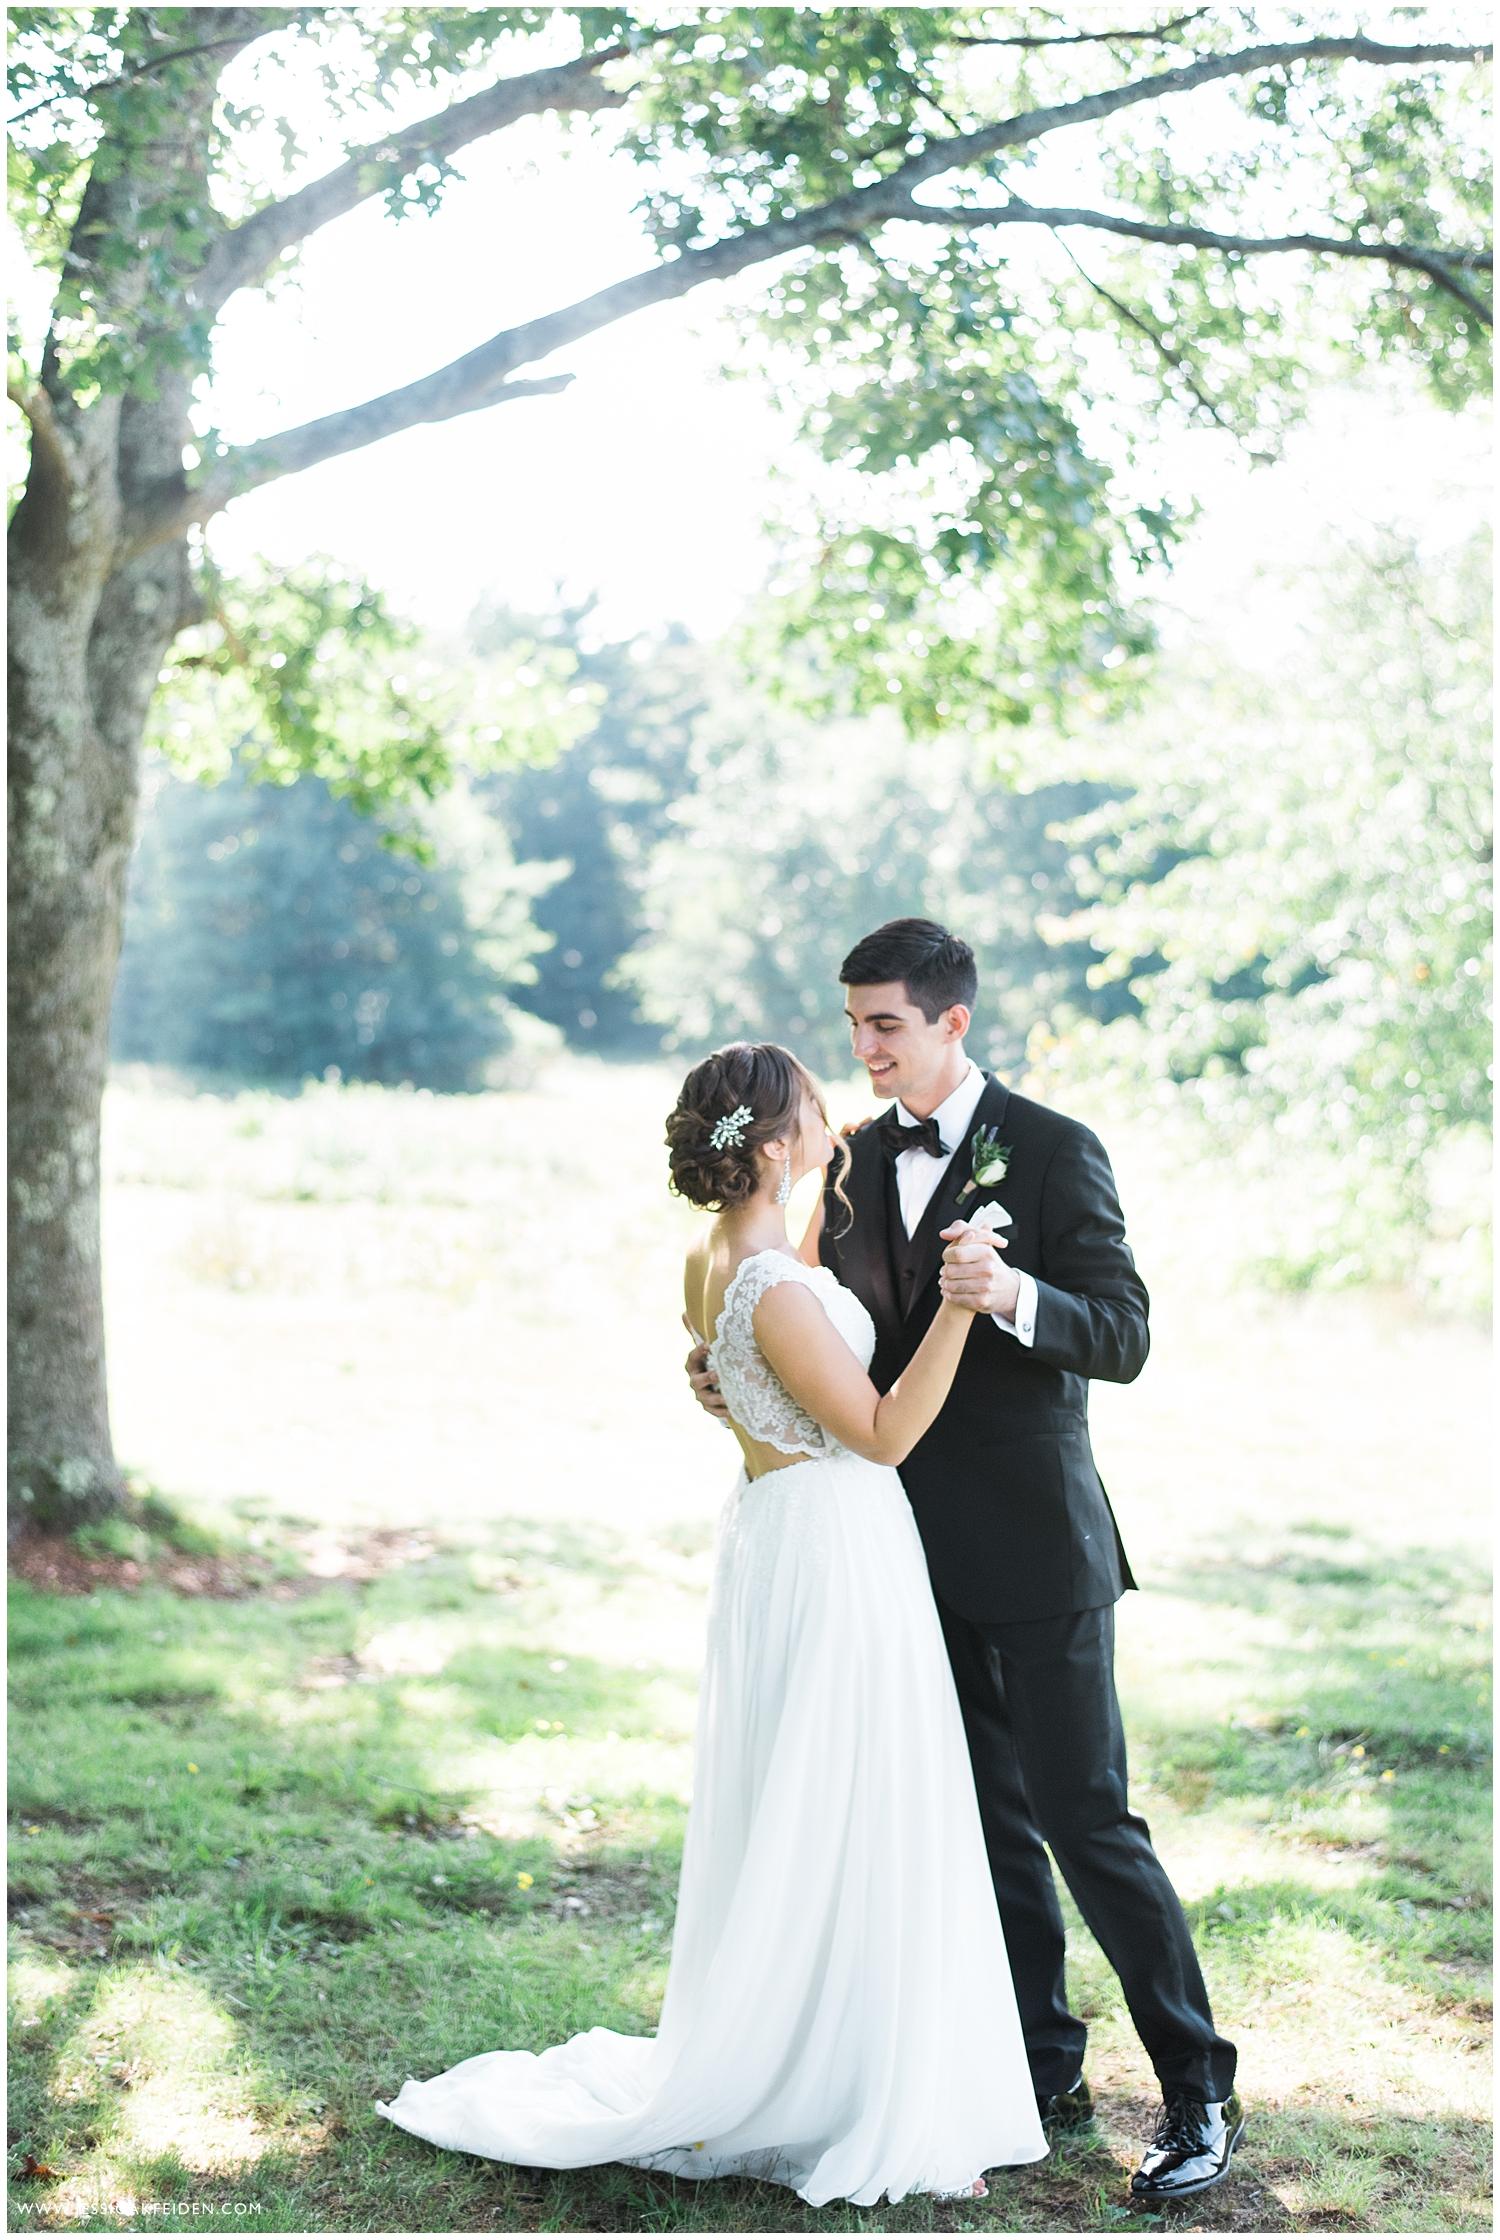 Jessica K Feiden Photography_The Fruitlands Museum Wedding_0023.jpg